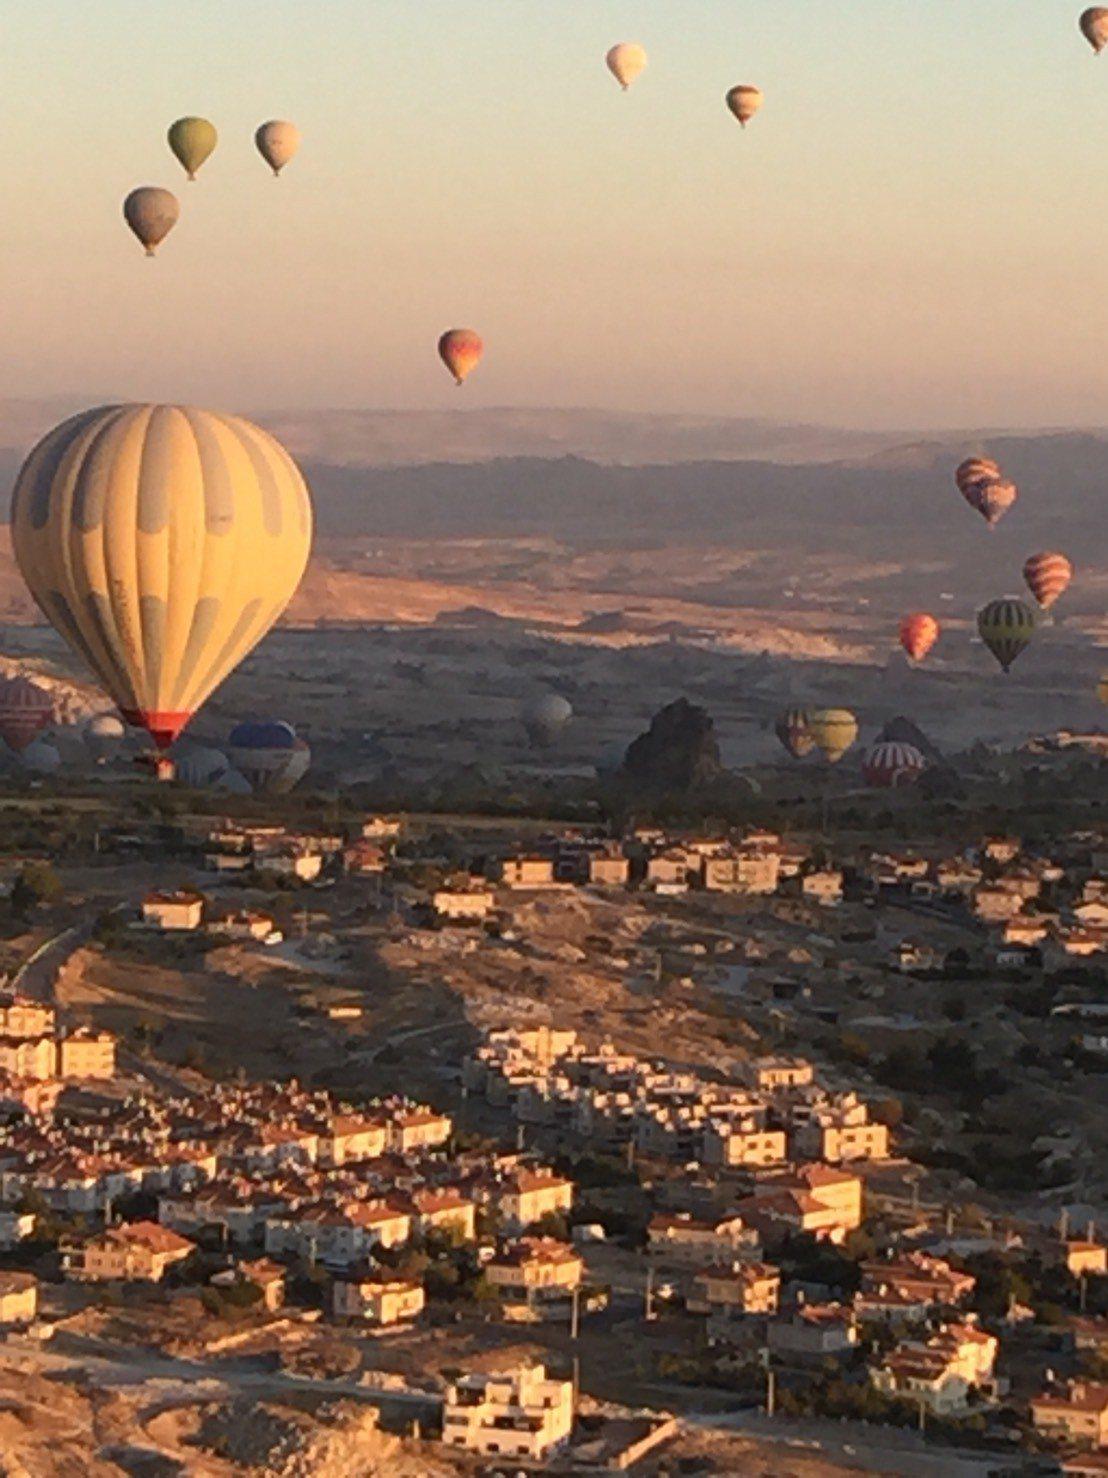 土耳其熱氣球之旅正夯。記者羅建怡/攝影